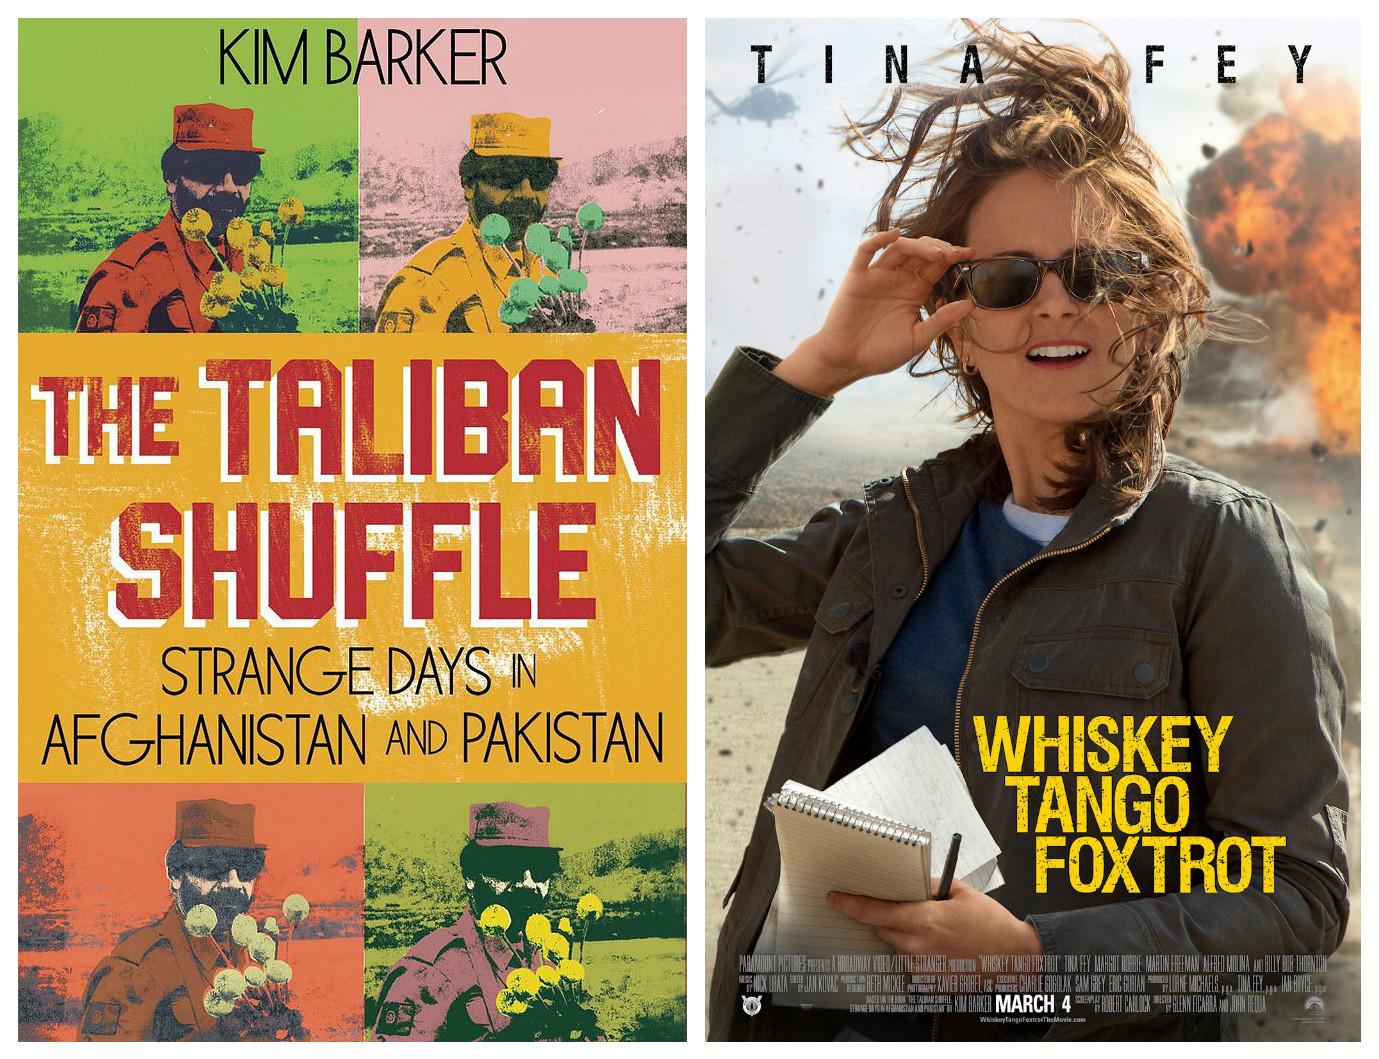 1. Whiskey Tango Foxtrot